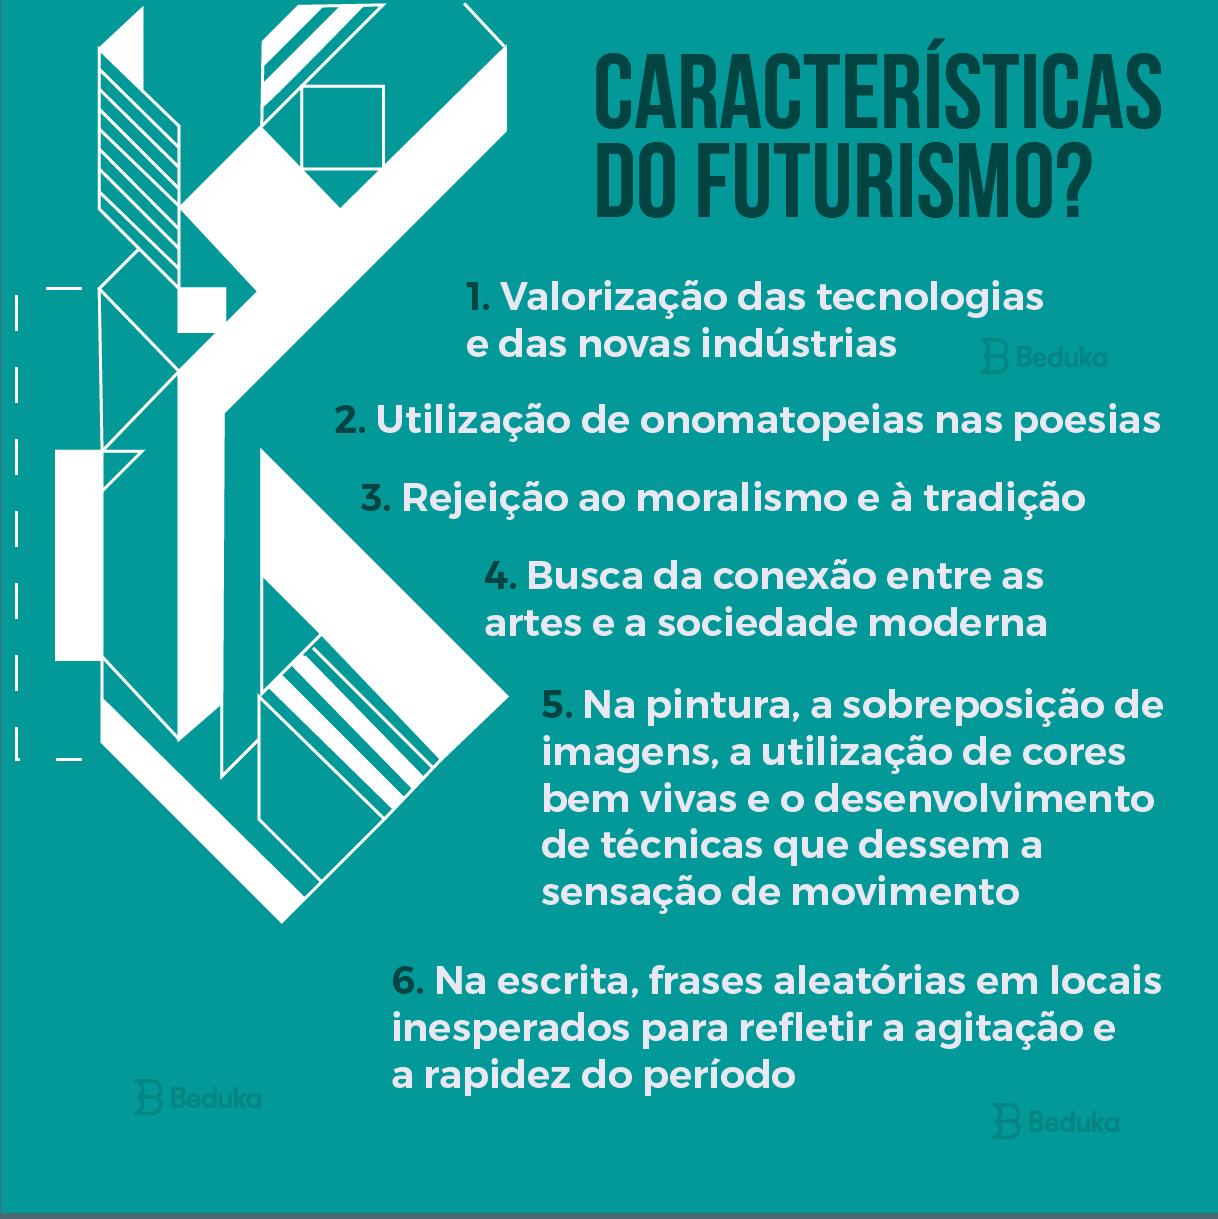 quais são as principais características do futurismo